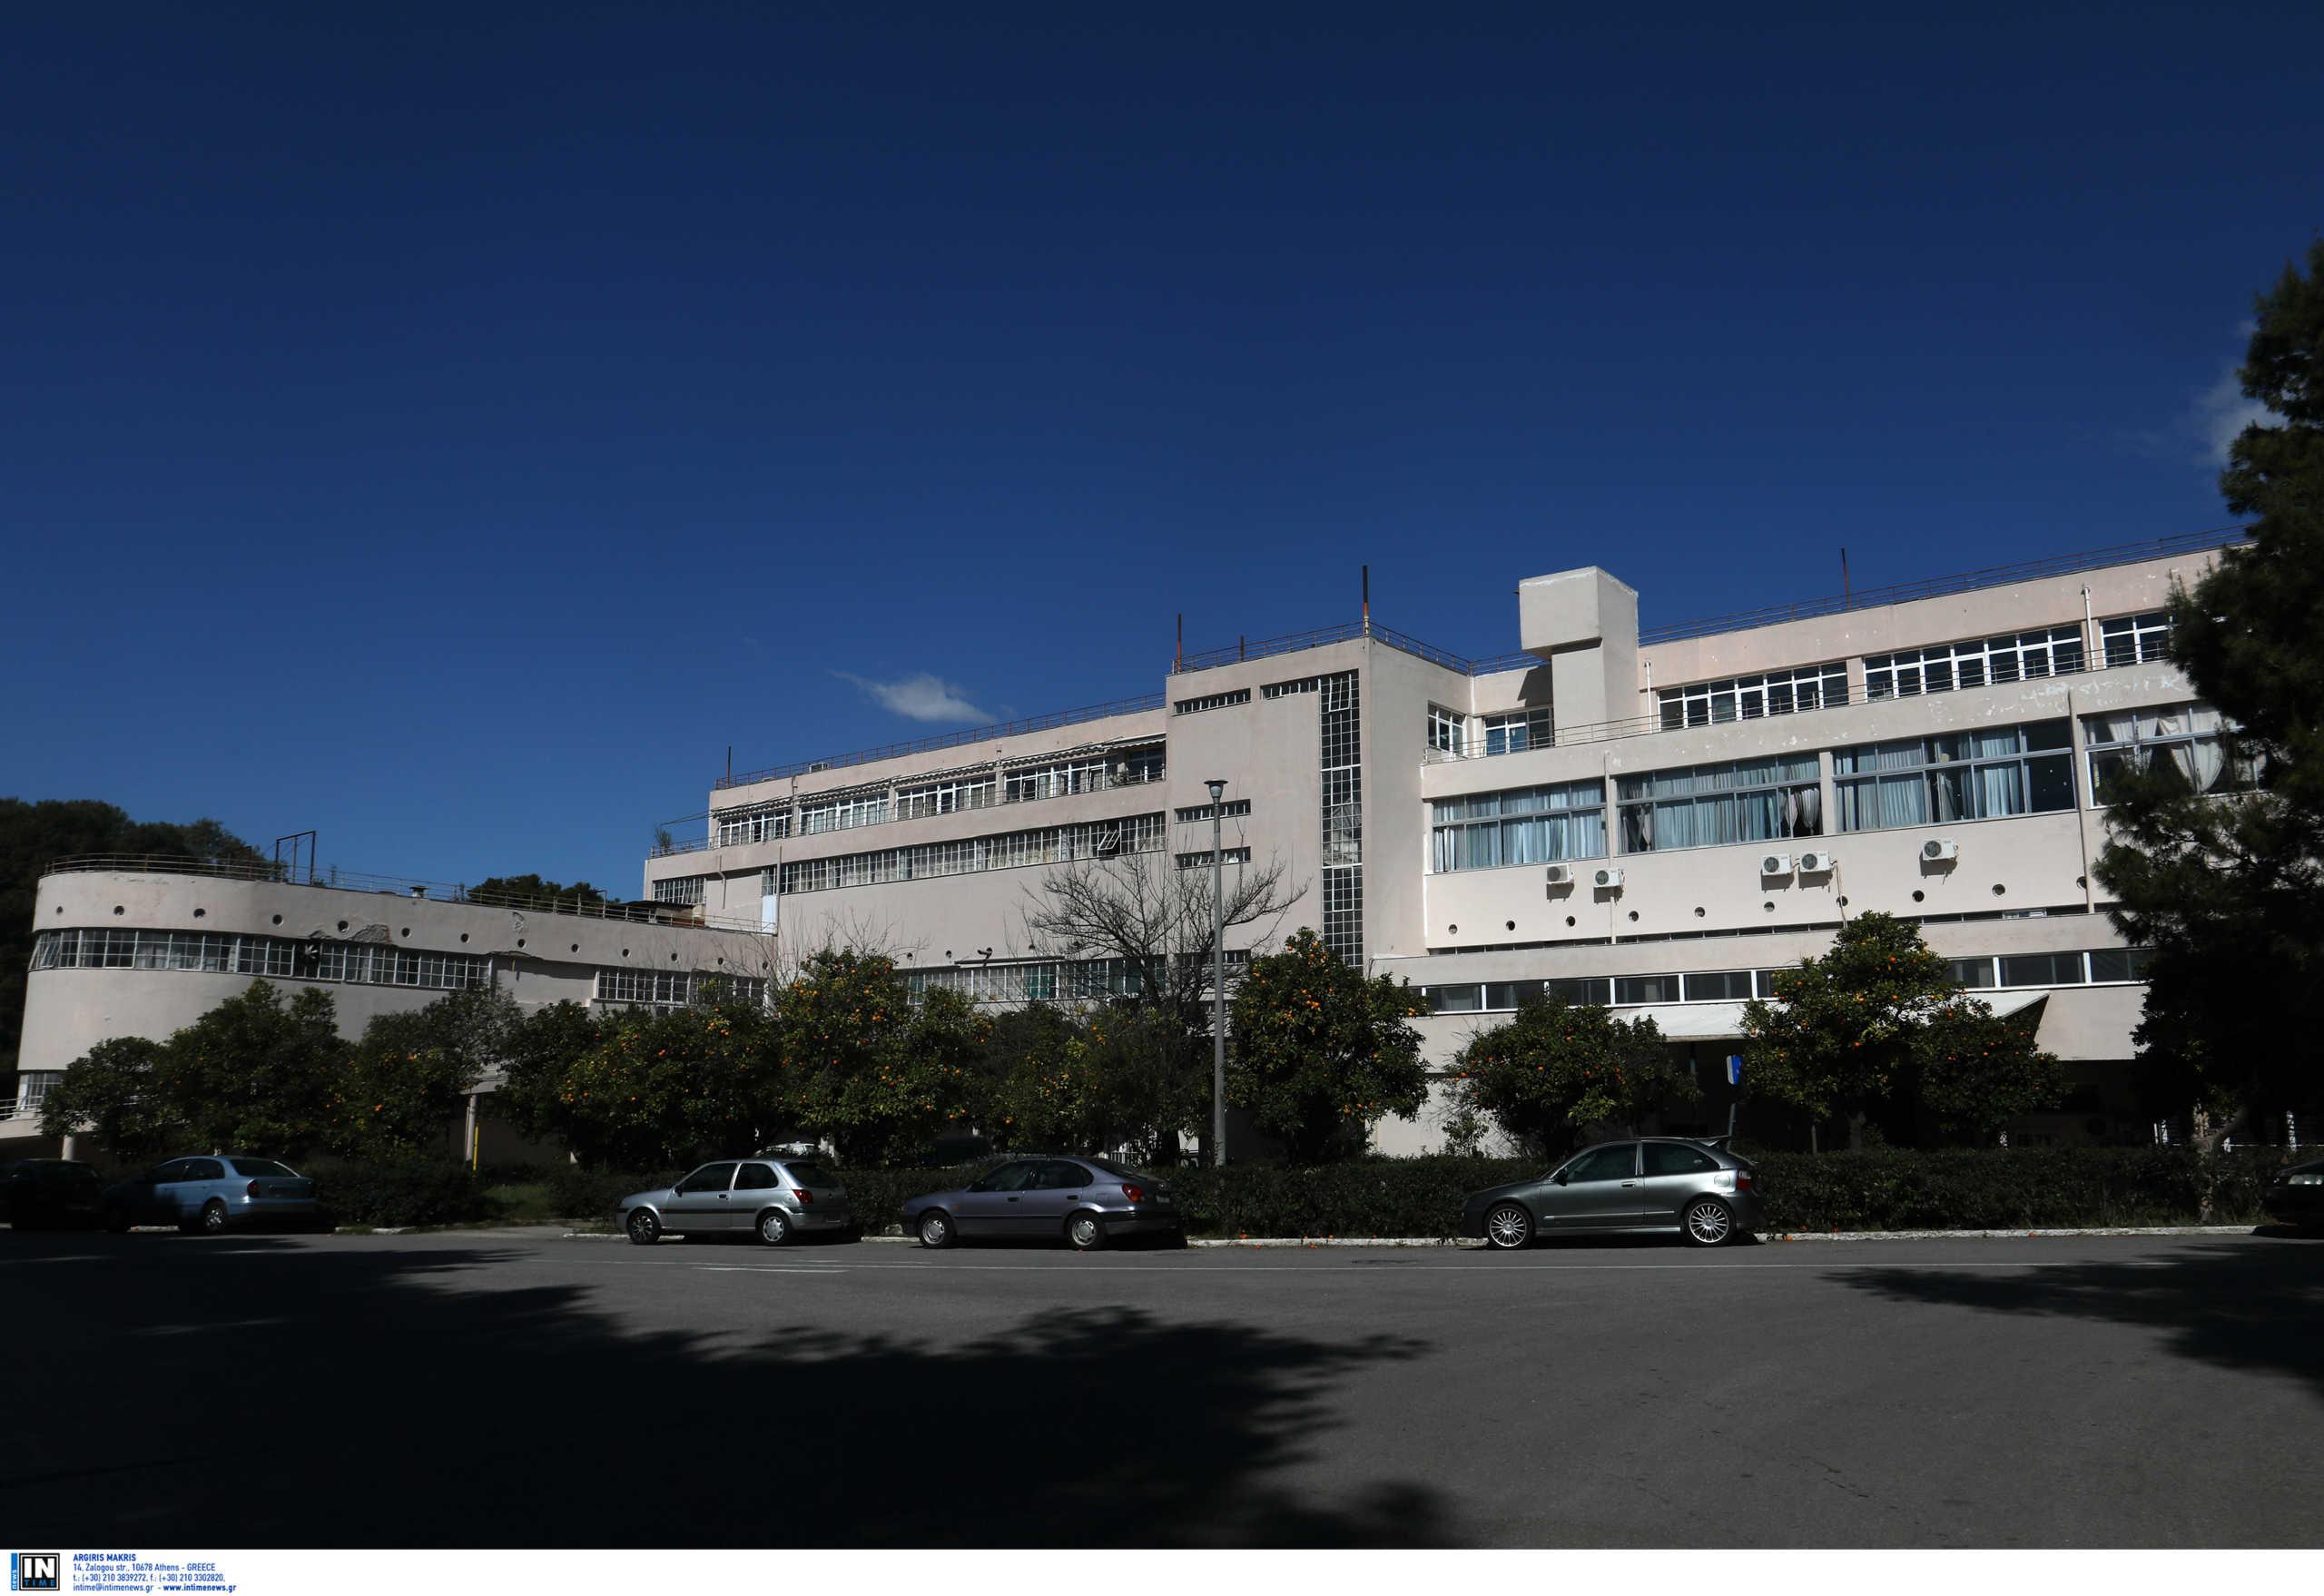 Κραυγή αγωνίας από γιατρό του Σωτηρία στο newsit.gr: Οι ελλείψεις σε προσωπικό και υλικά οδήγησαν στα κρούσματα κορονοϊού